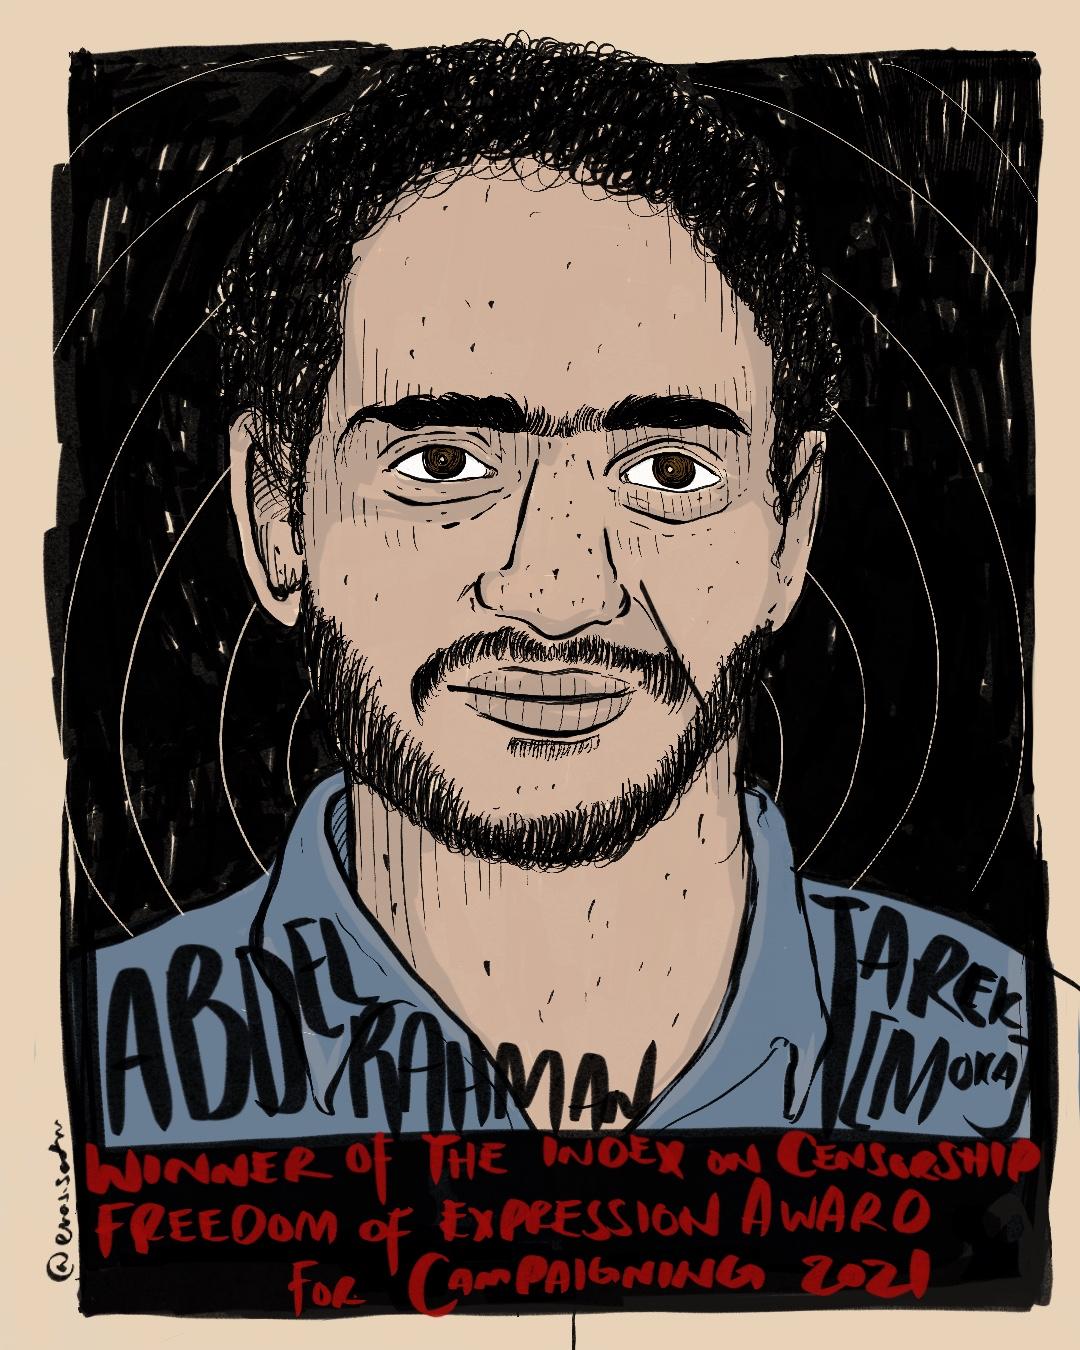 Abdelrahman 'Moka' Tarek